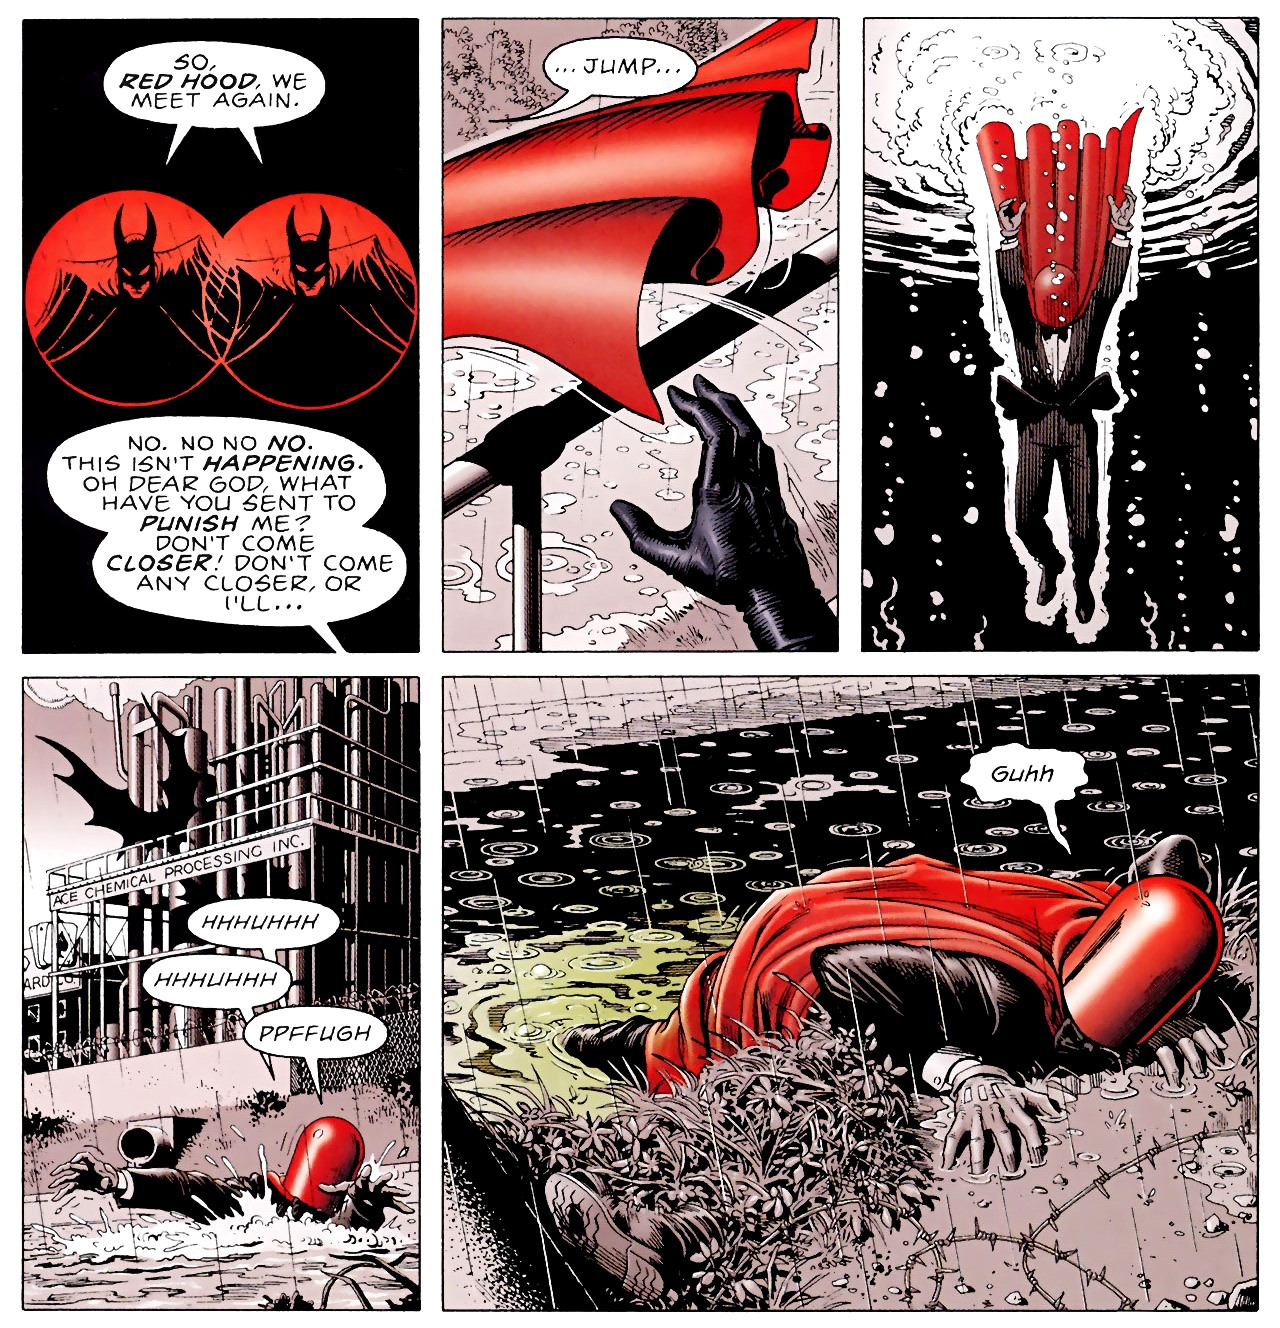 Red Hood Joker 0010.jpg